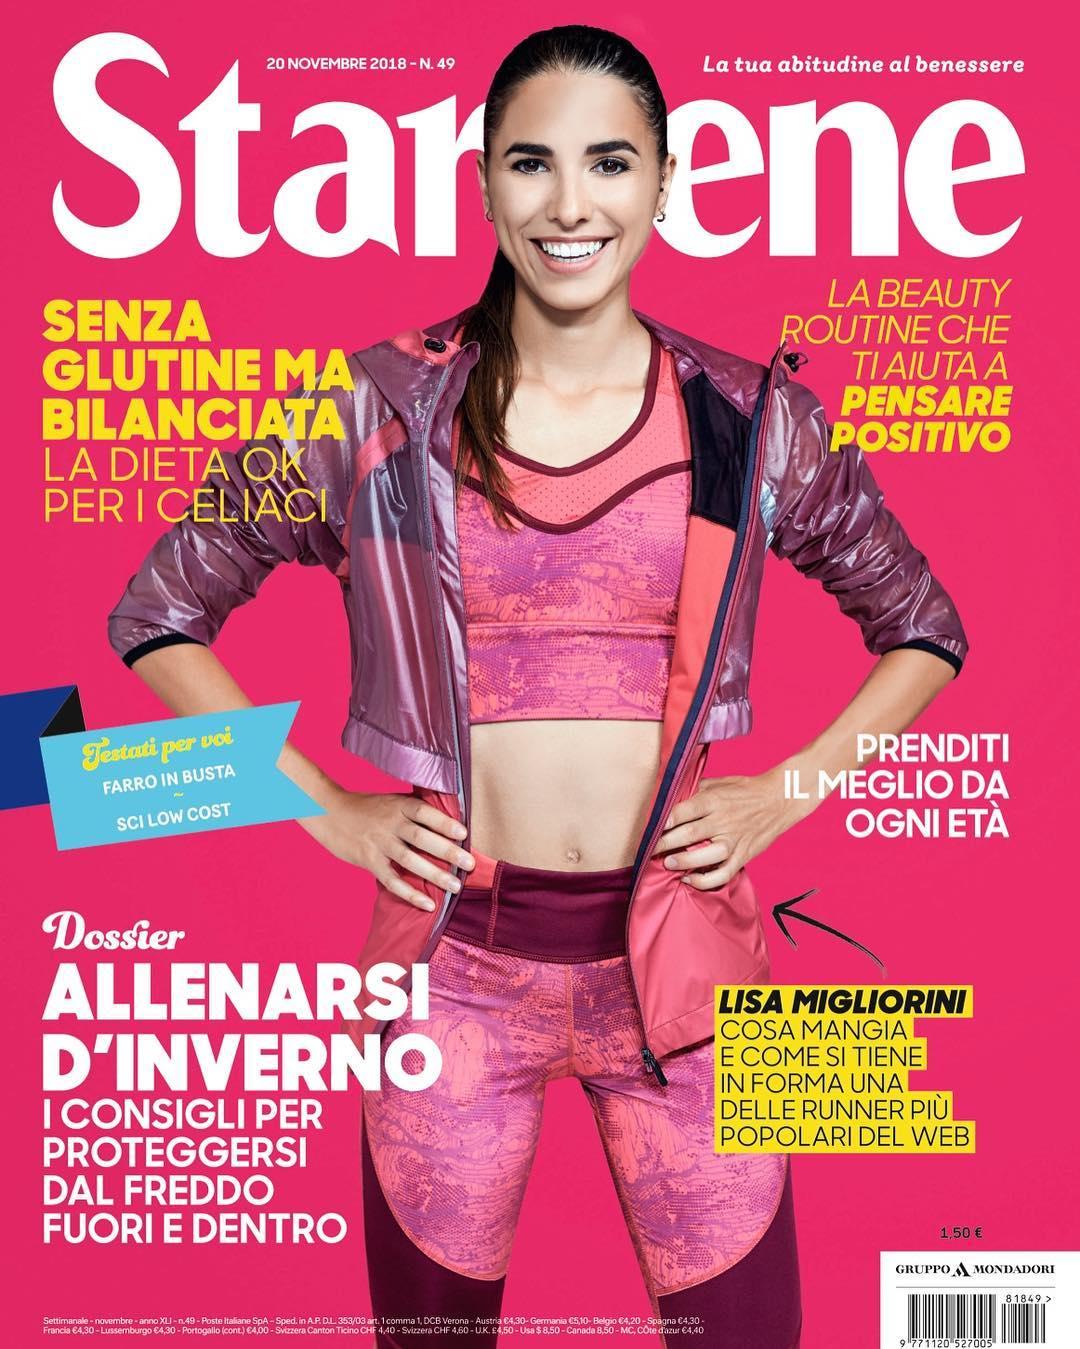 StarBene Lisa Migliorini The Fashion Jogger